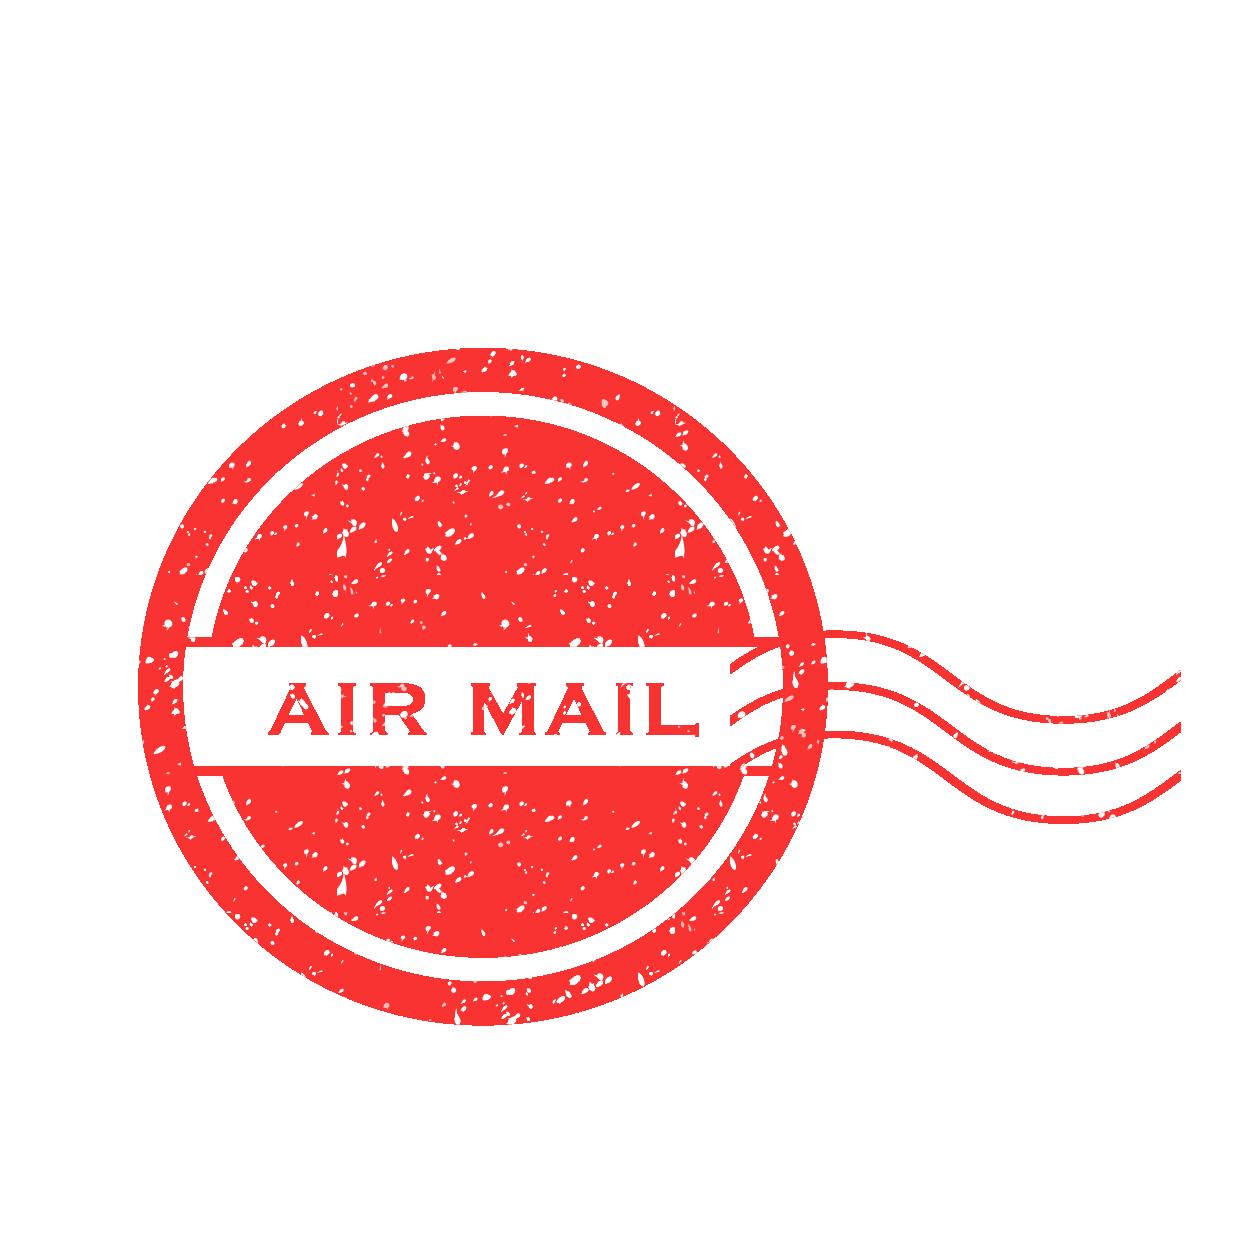 海外郵便用 赤のair mail(エアメール)スタンプのイラスト | 商用